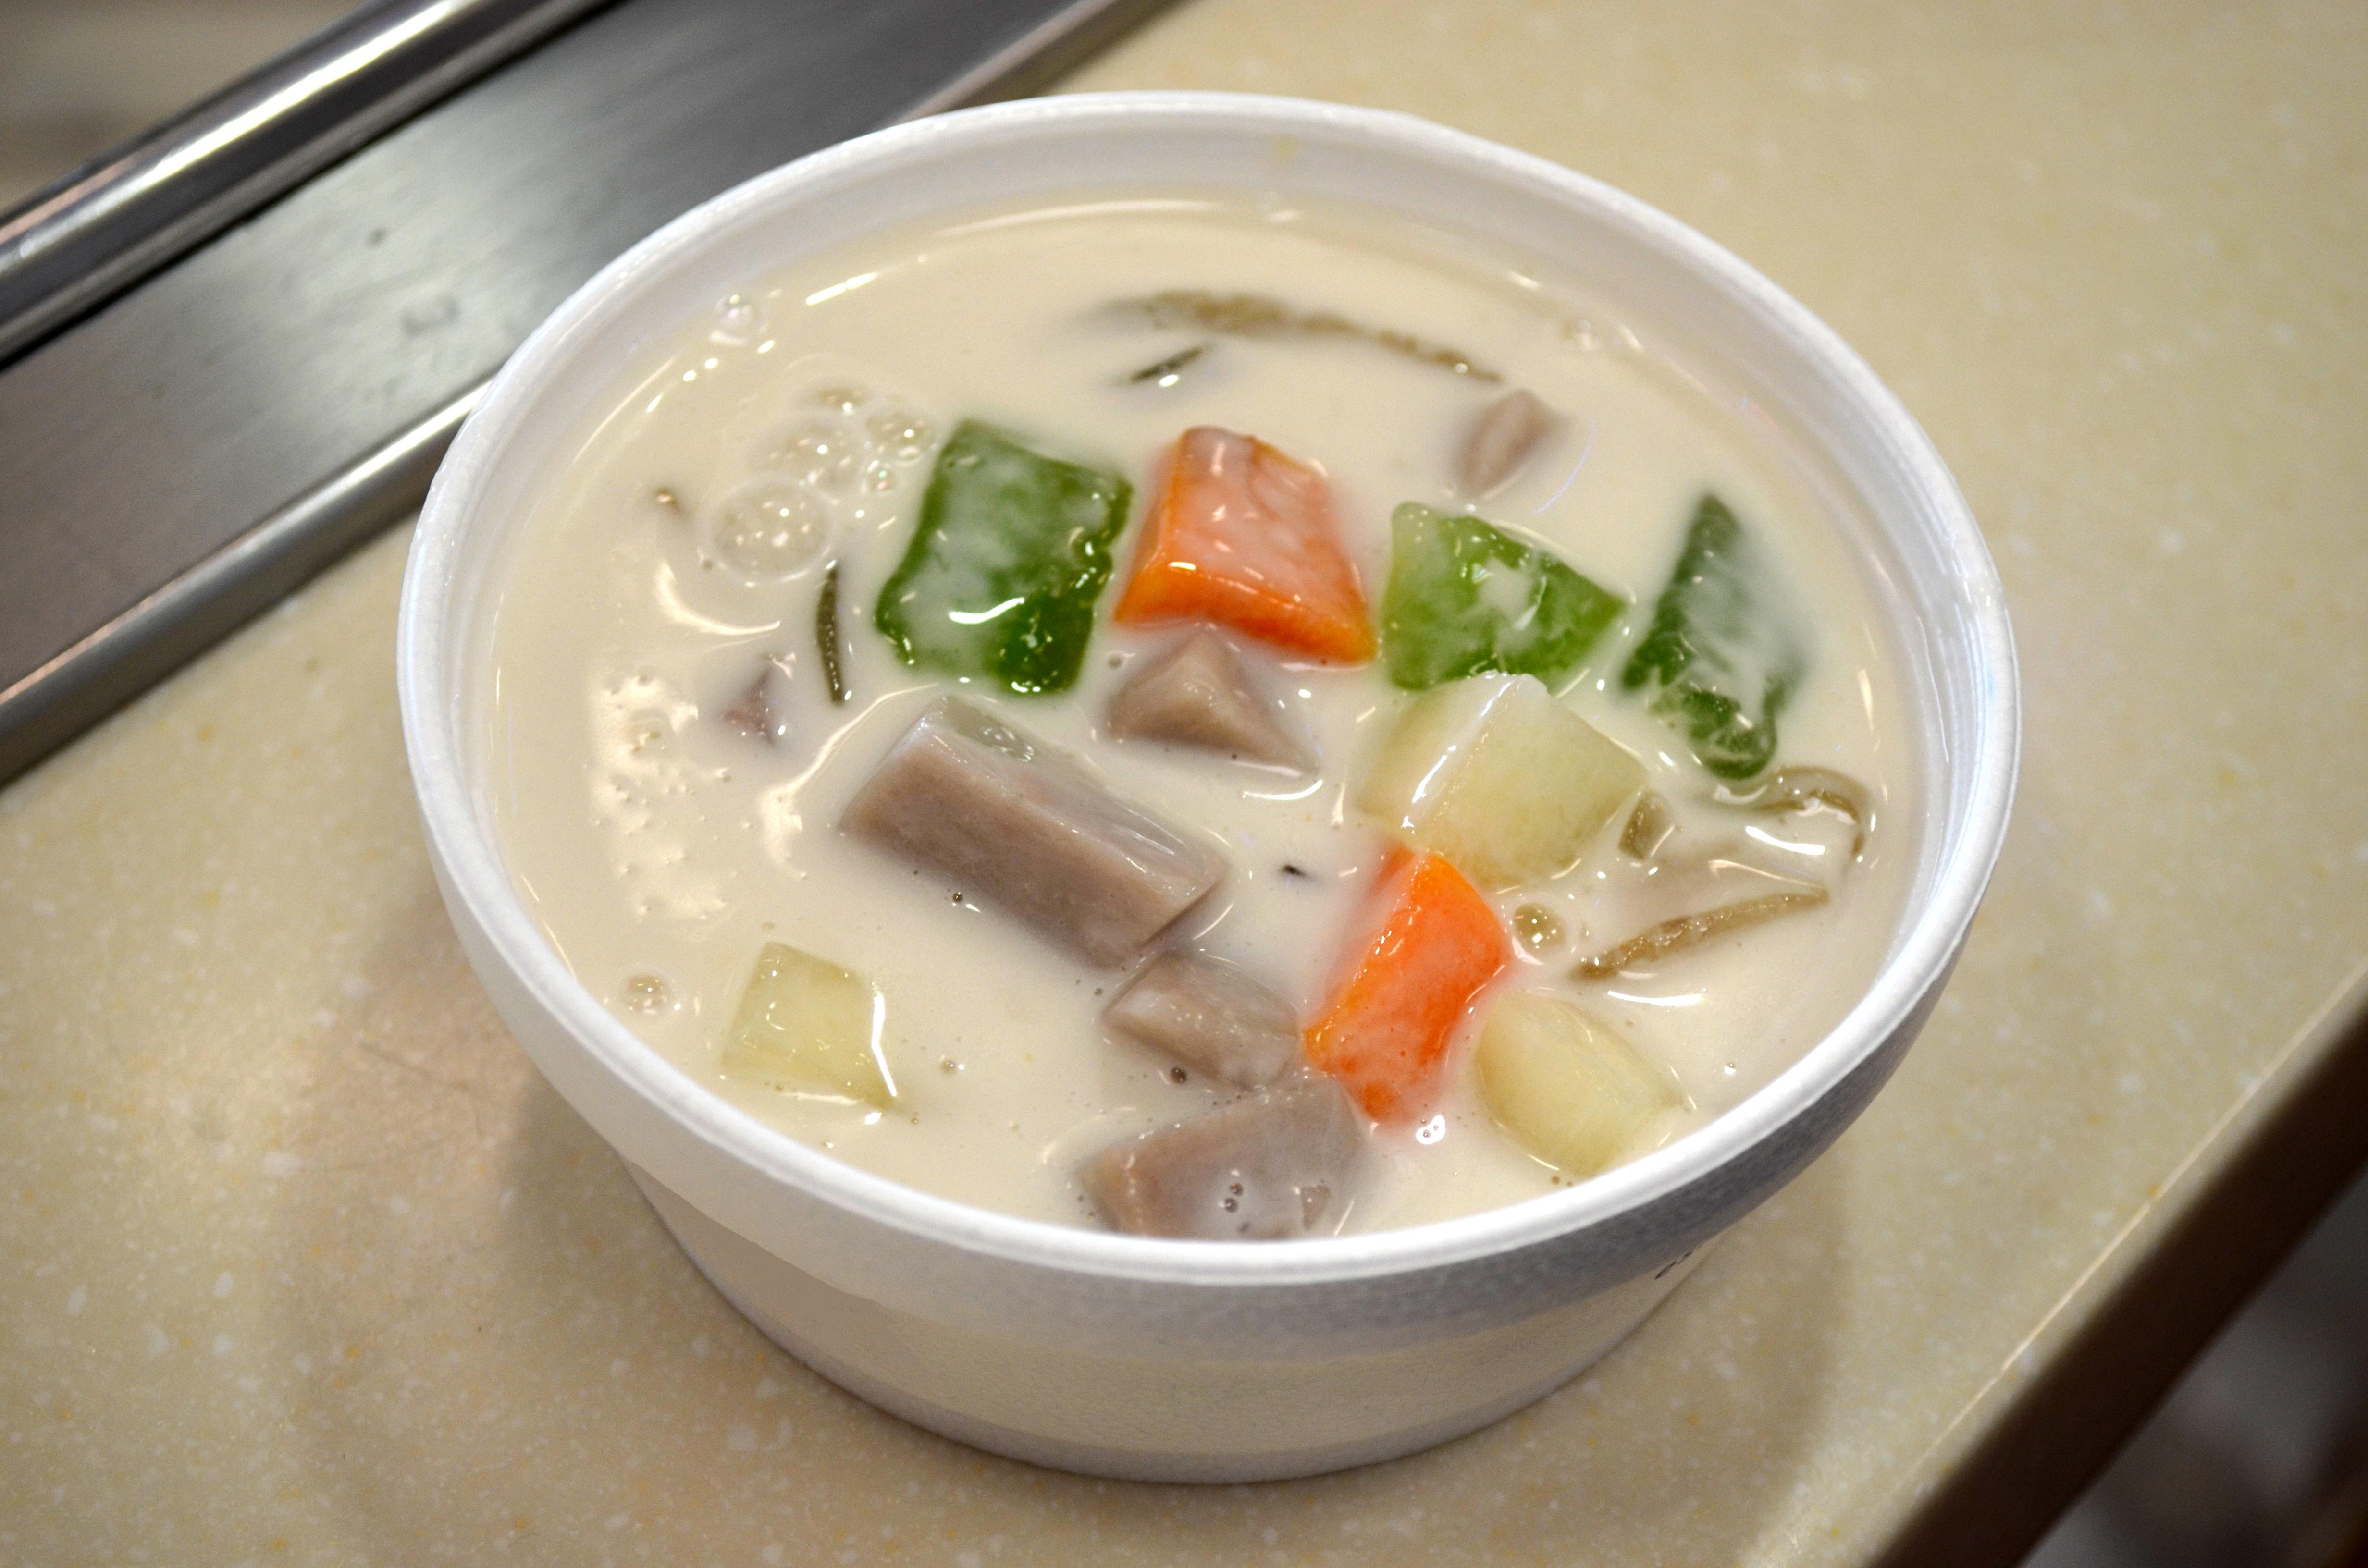 Thai Food Pch Newport Beach